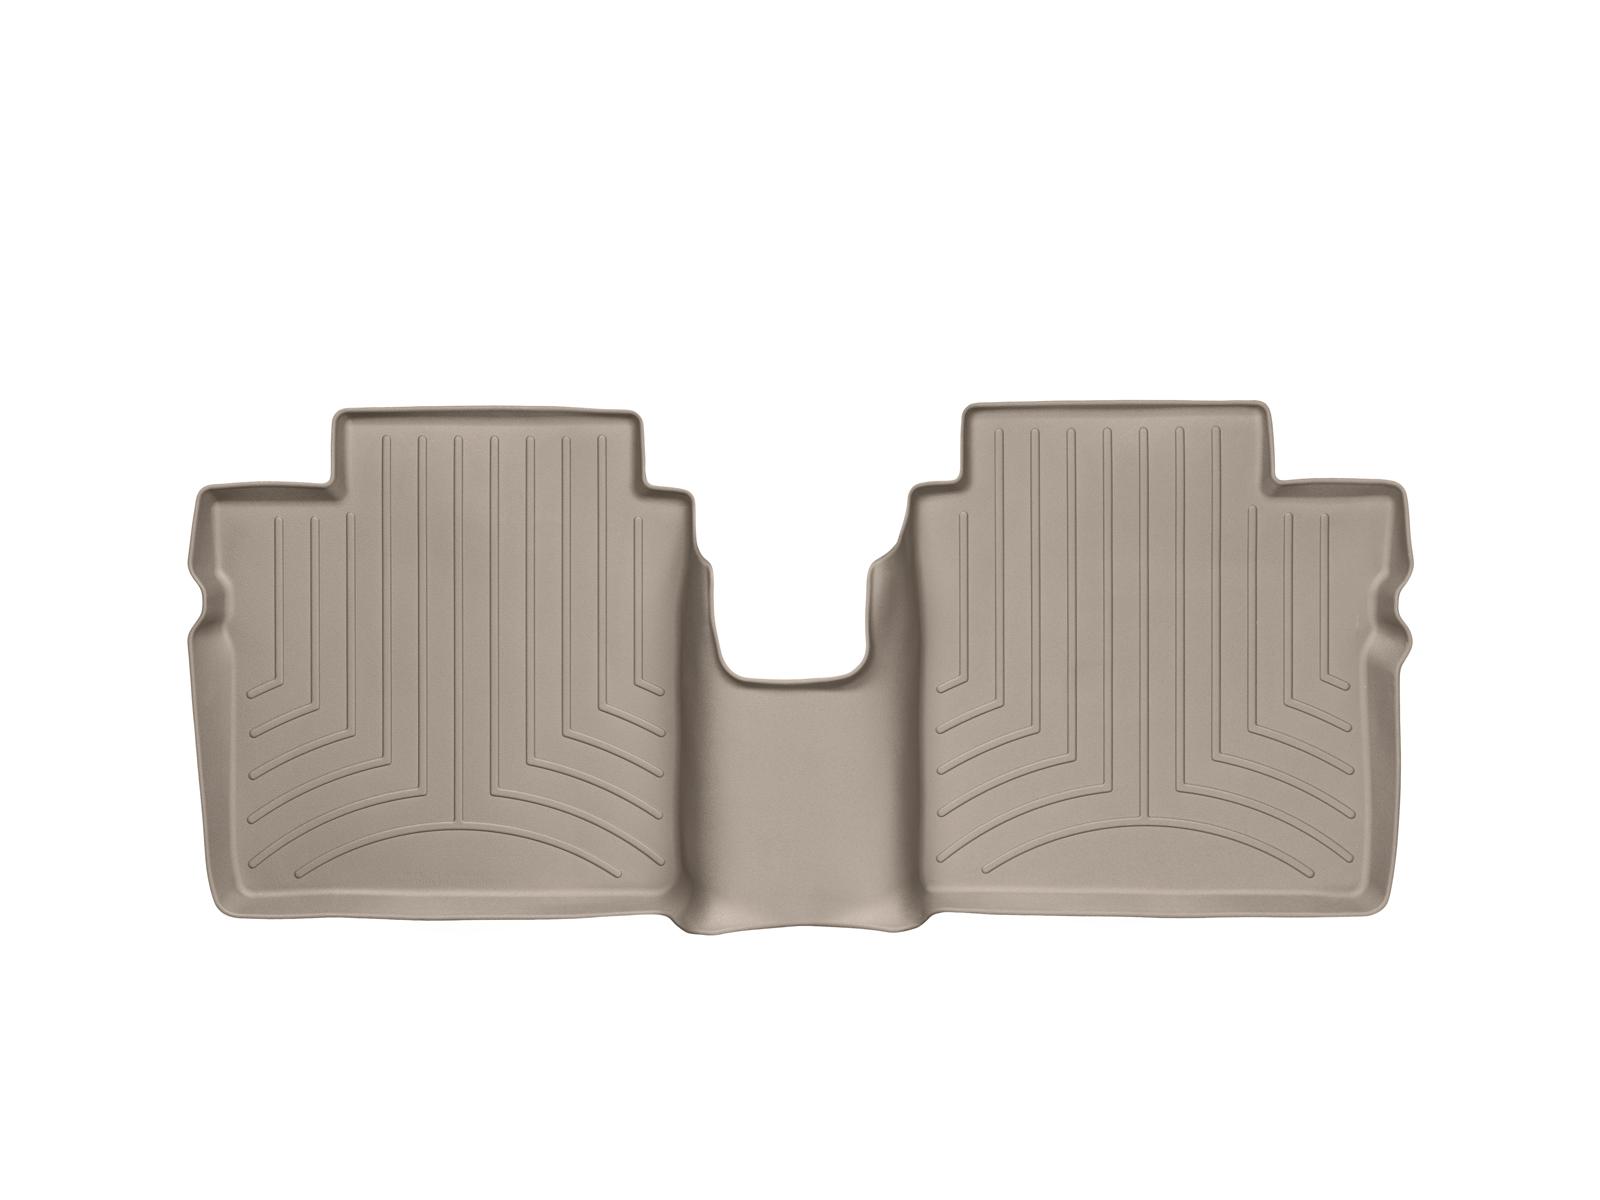 Tappeti gomma su misura bordo alto Nissan Note 14>17 Marrone A2904